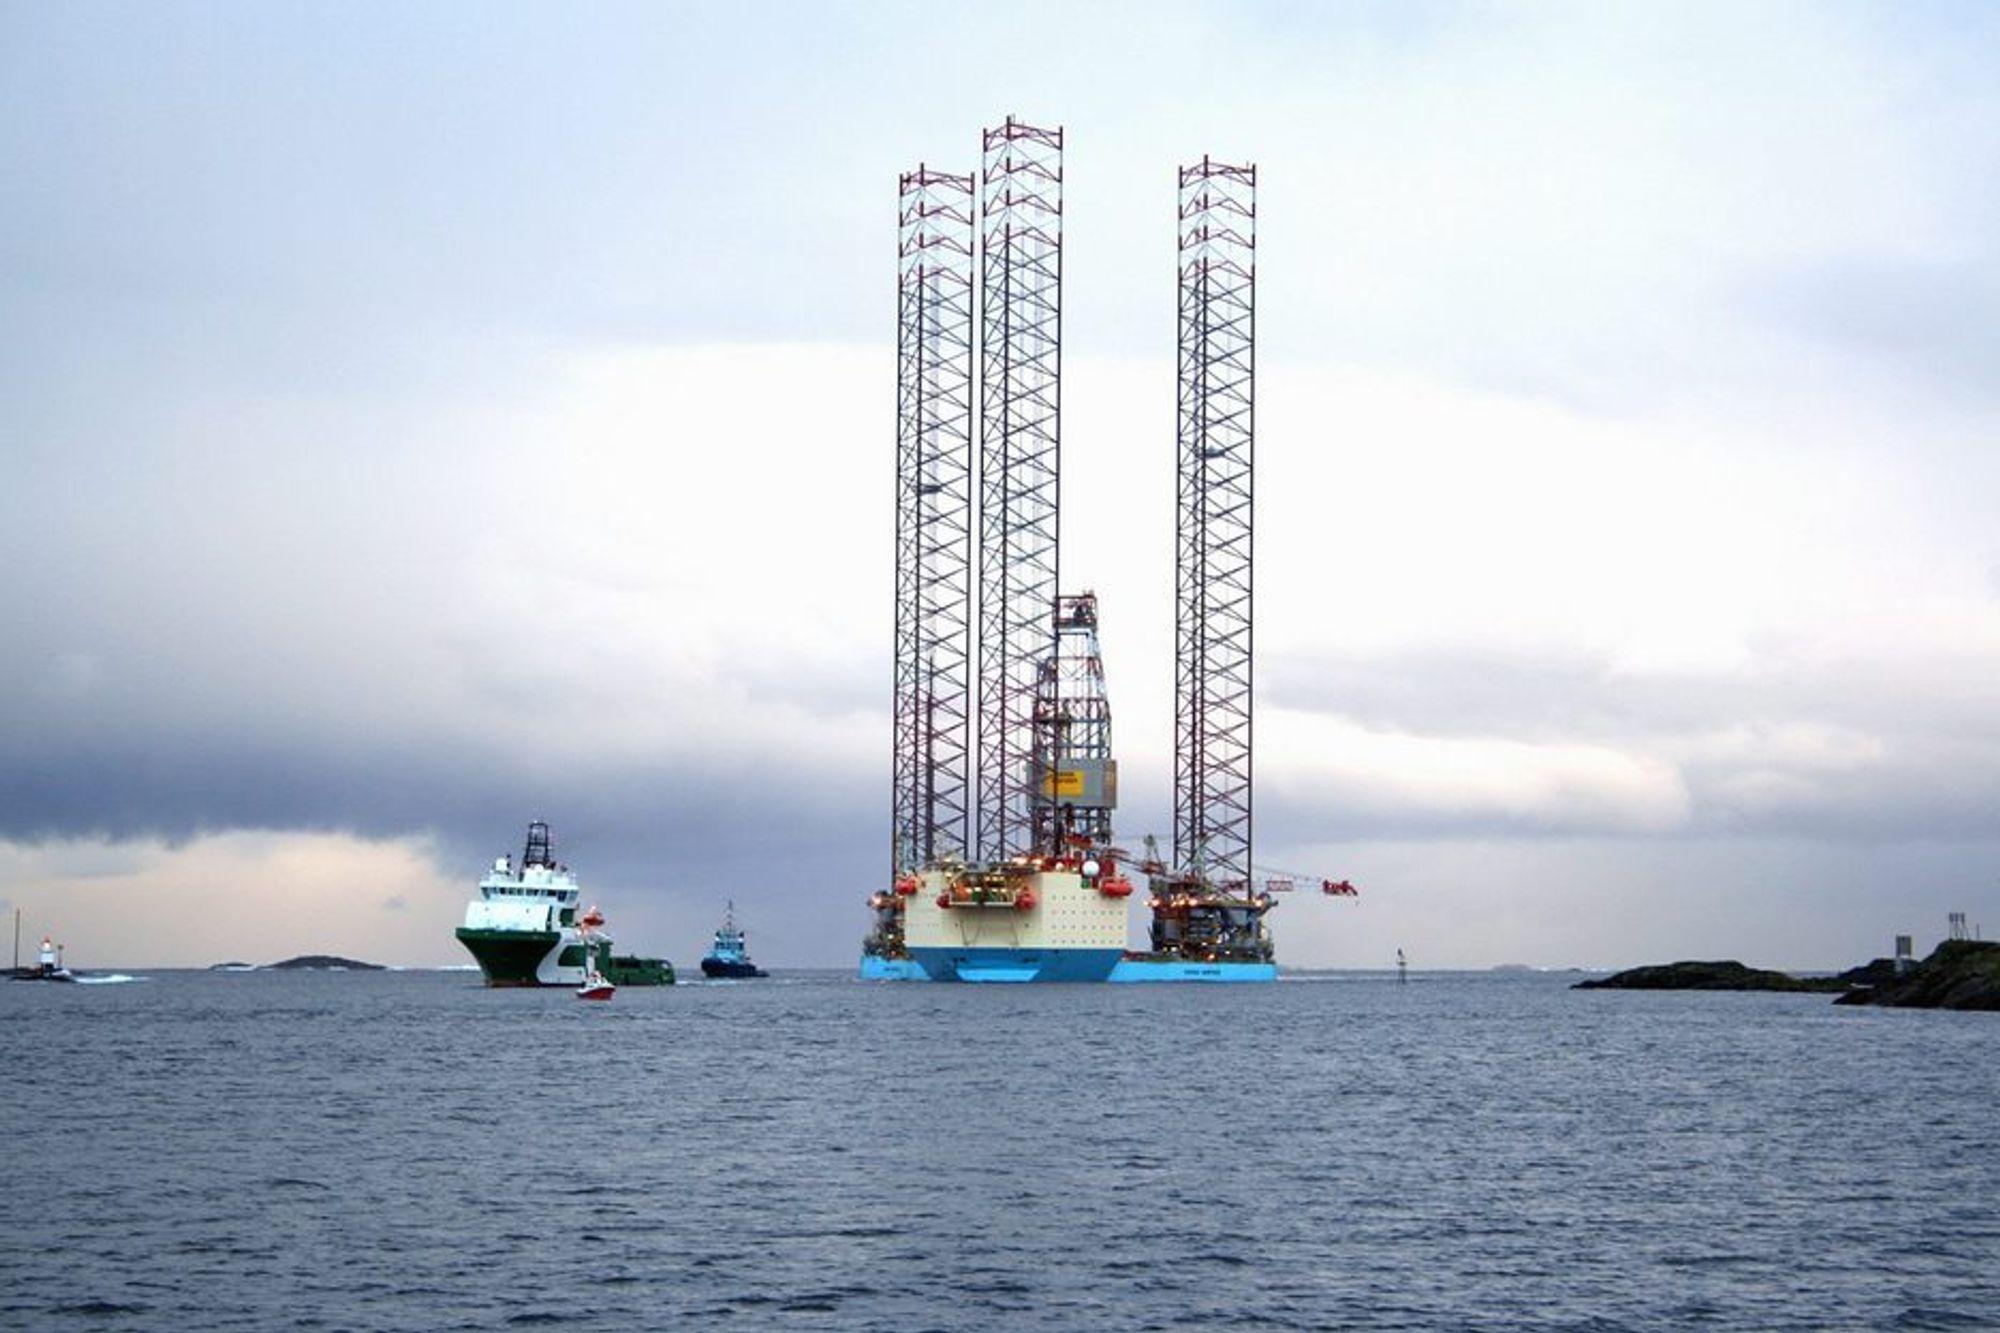 Produksjonen fra Volve er stengt på grunn av brudd på to ankerlinjer på lasteskipet Navion Saga.